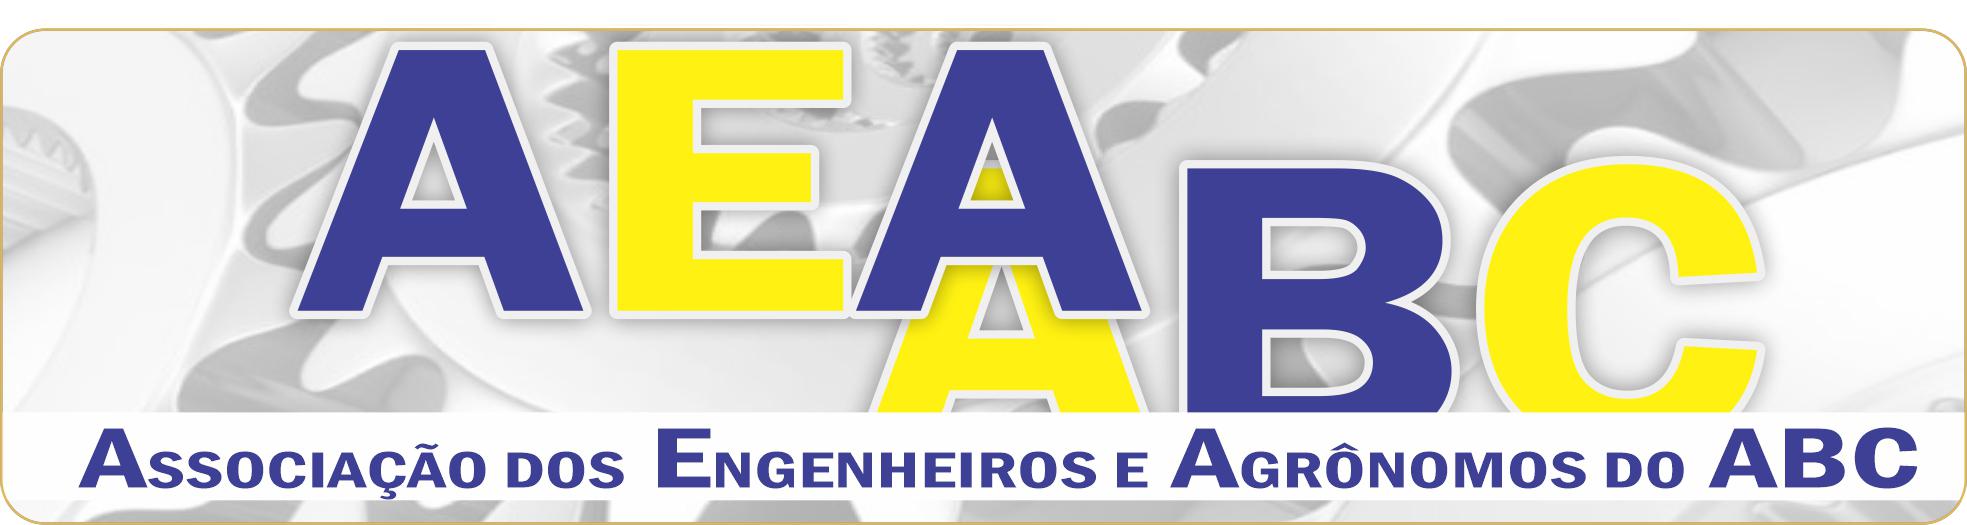 AEAABC